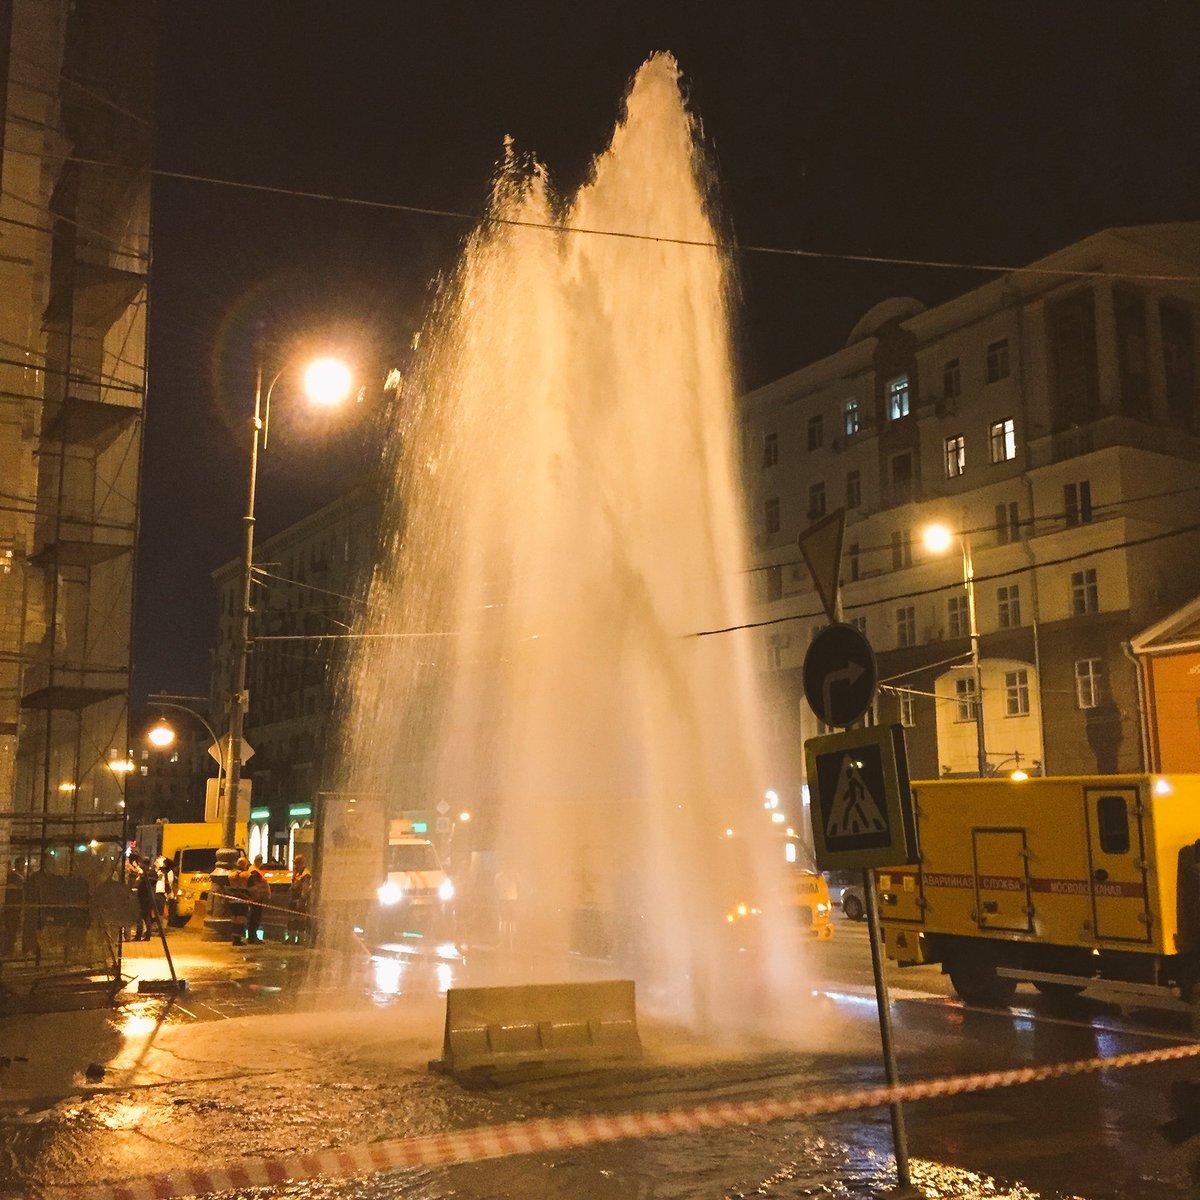 На Тверской красотища пипец. С каждой секундой вода хреначит всё больше и больше https://t.co/tpWWpM0dRX